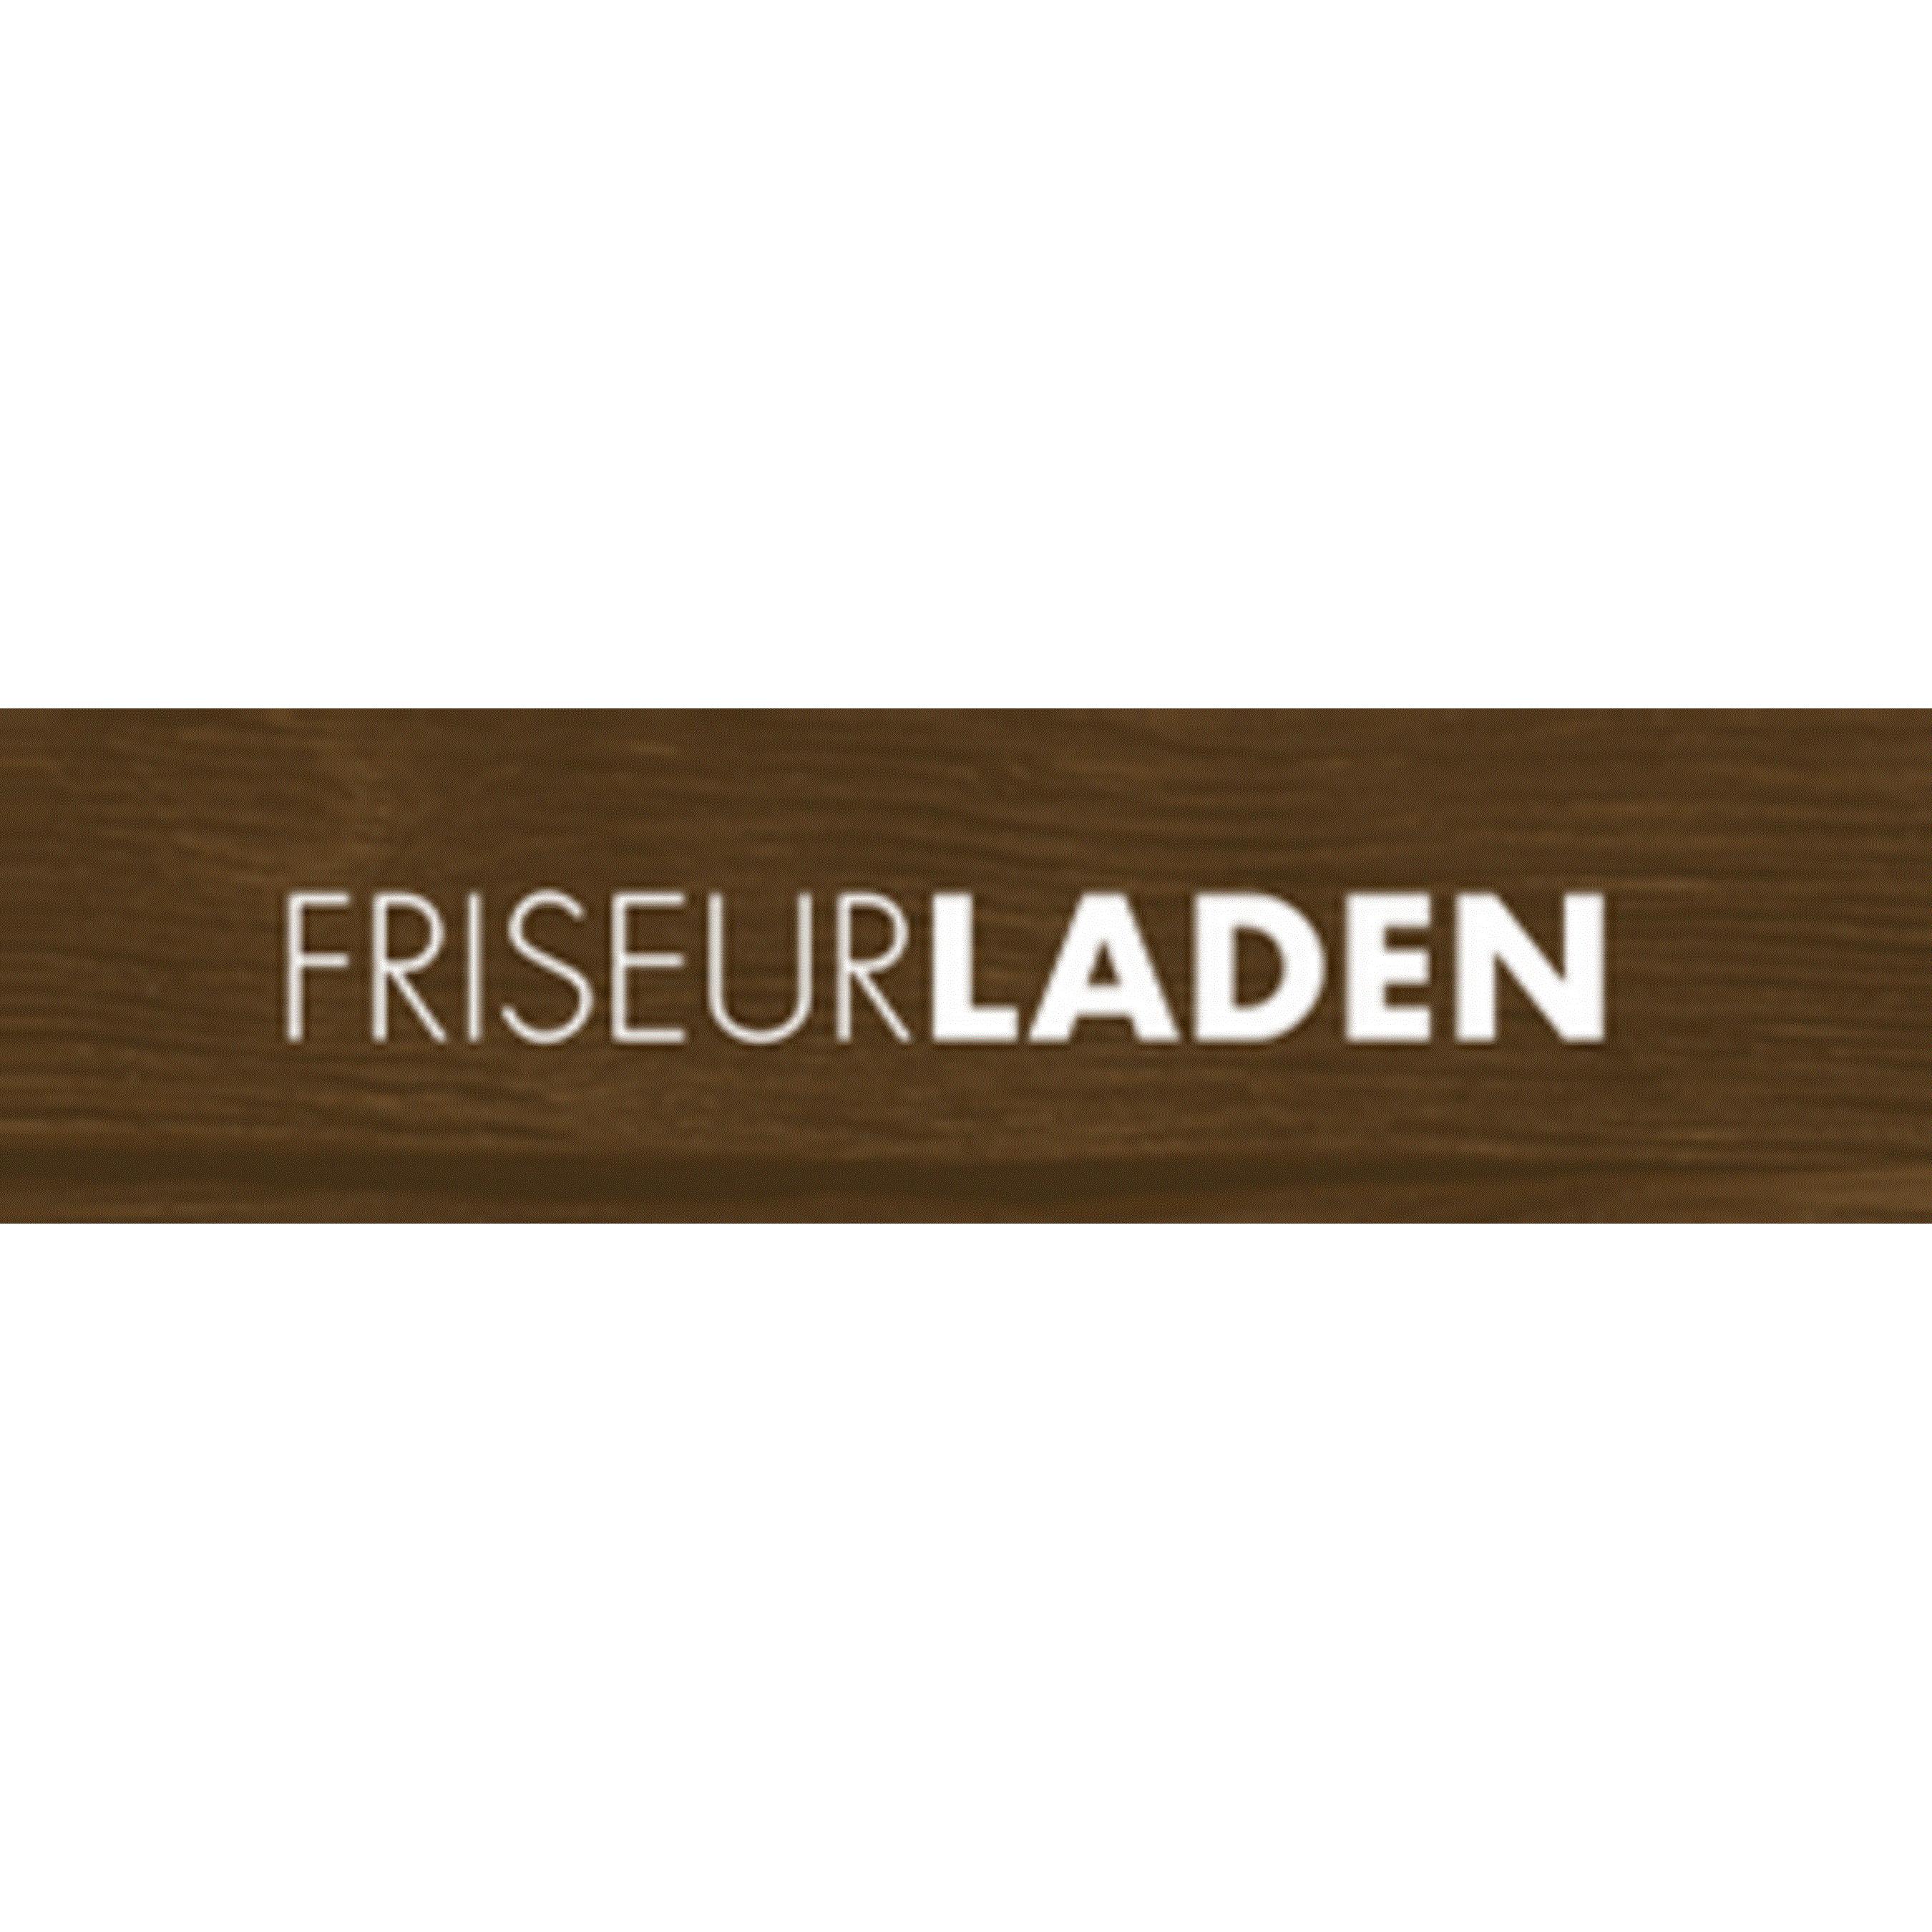 friseur LADEN